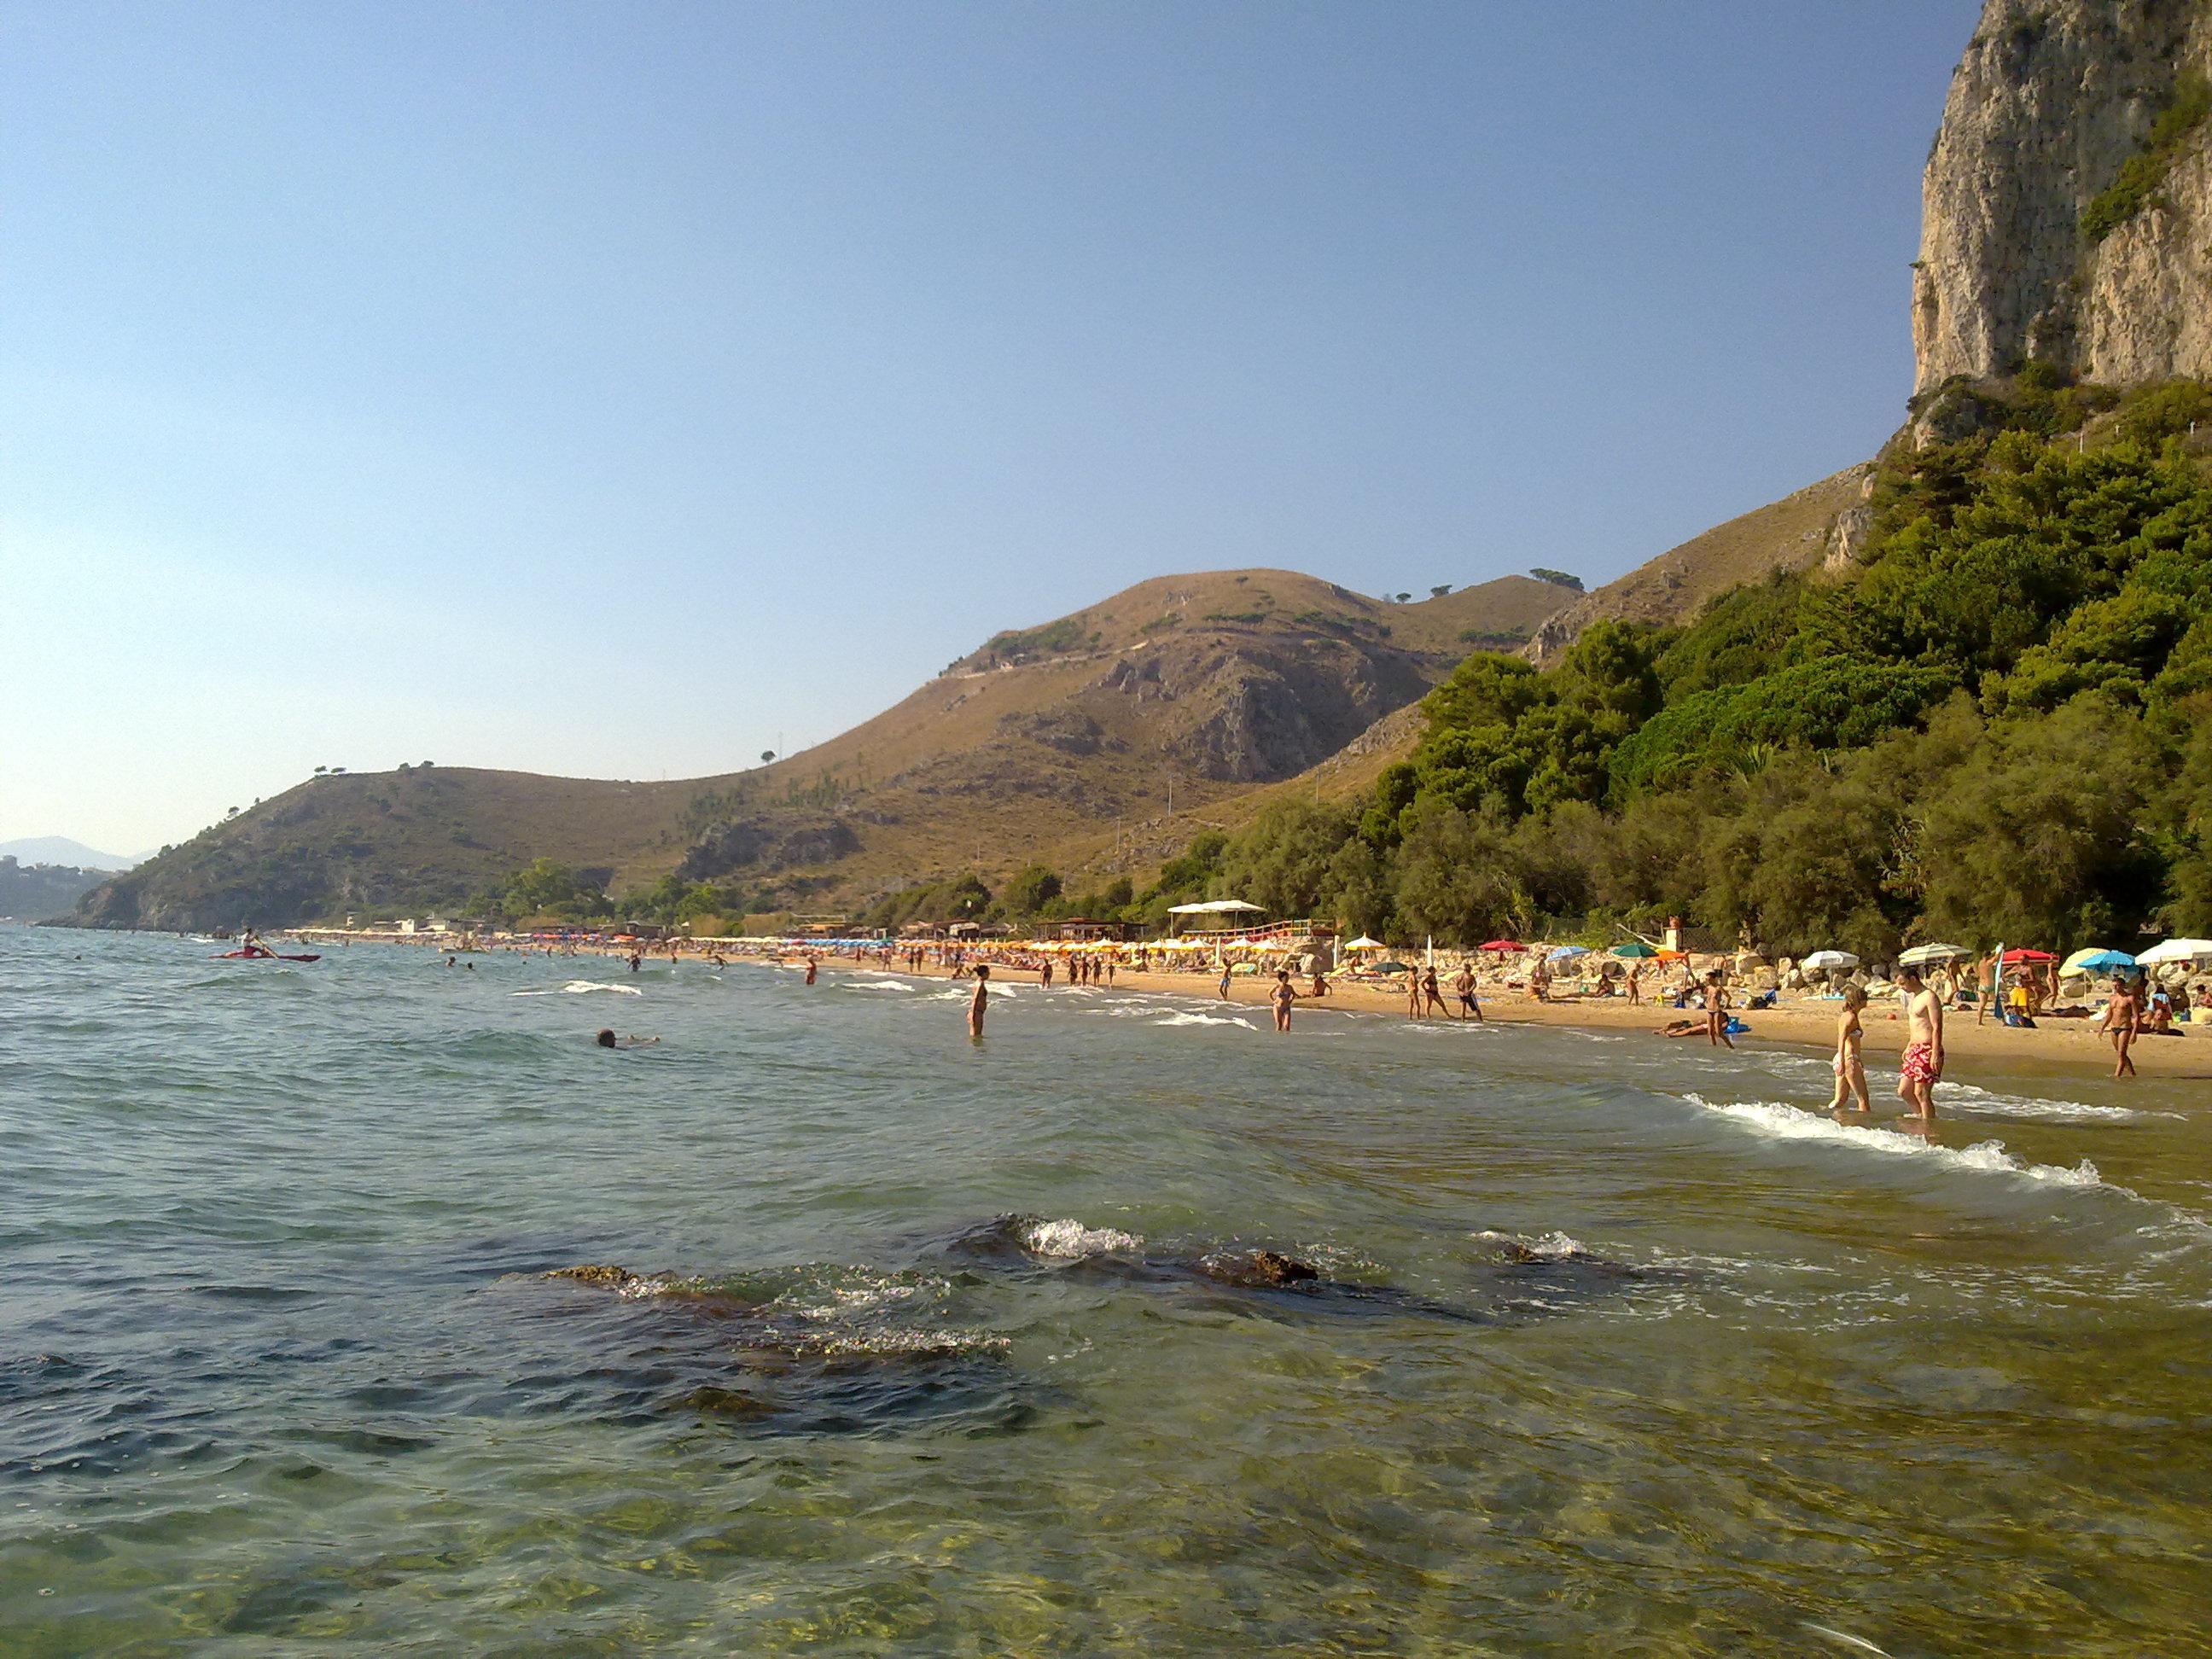 Spiaggia di Bazzano